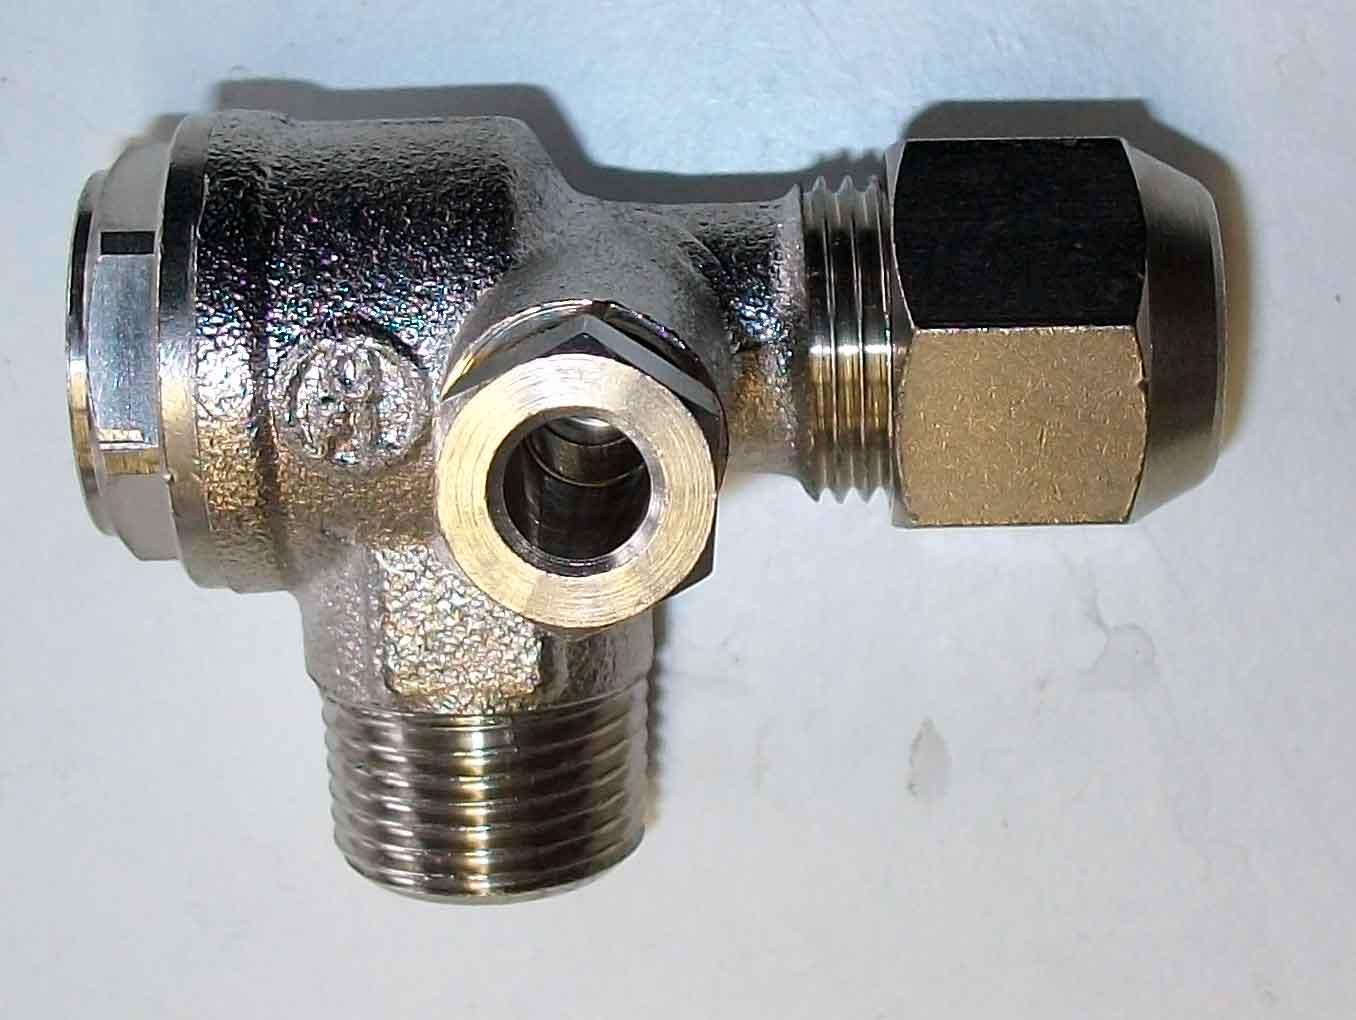 Compressore silenzioso con serbatoio lorenzo imbimbo for Condizionatore non parte compressore